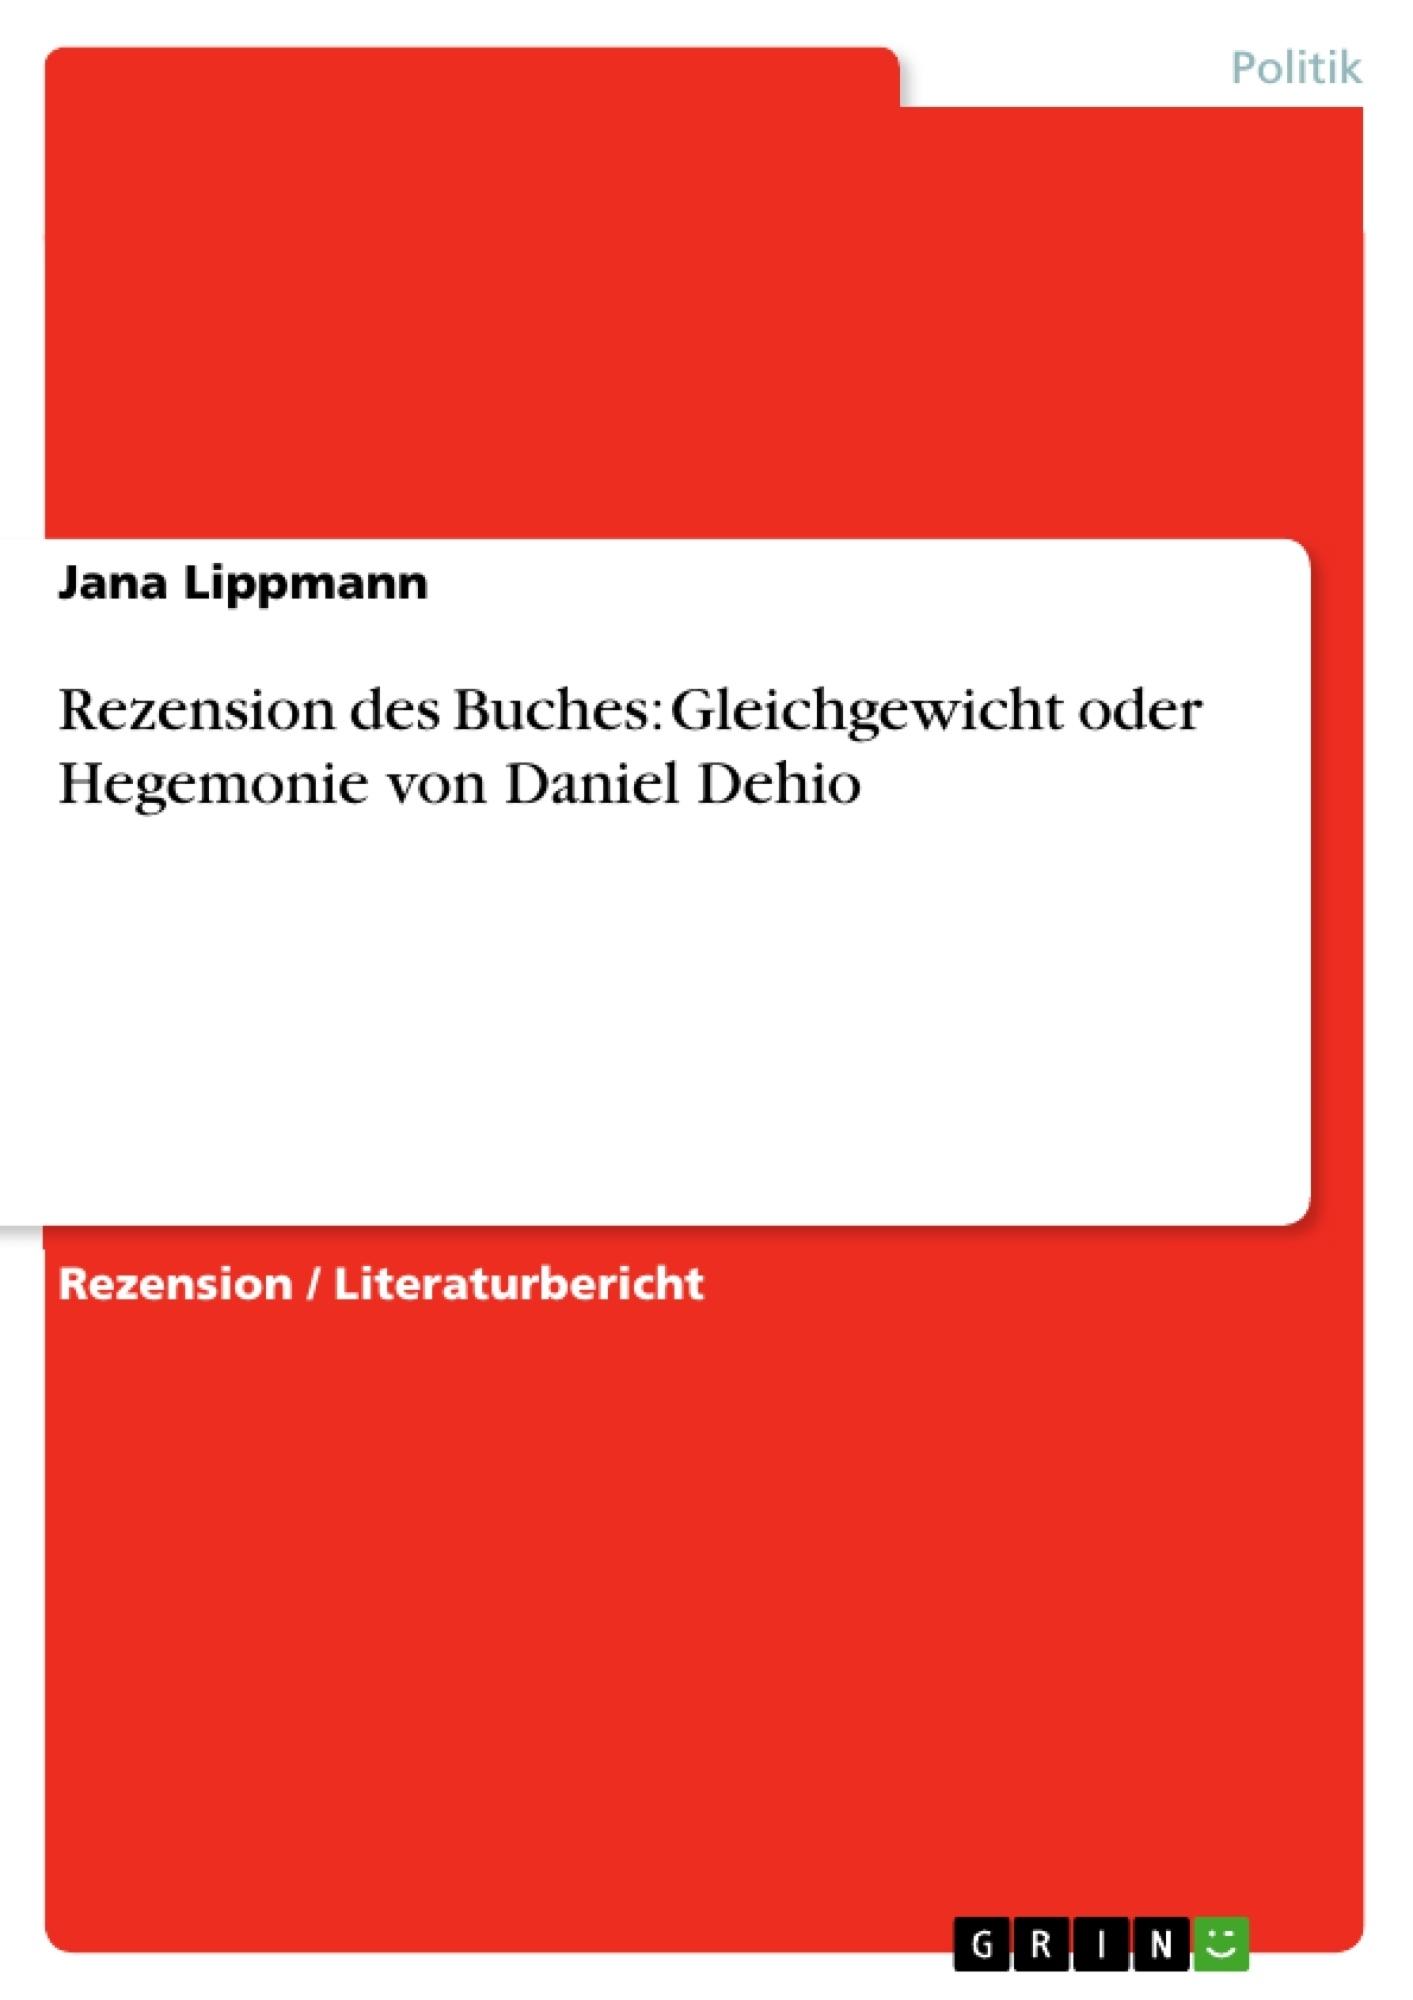 Titel: Rezension des Buches: Gleichgewicht oder Hegemonie von Daniel Dehio